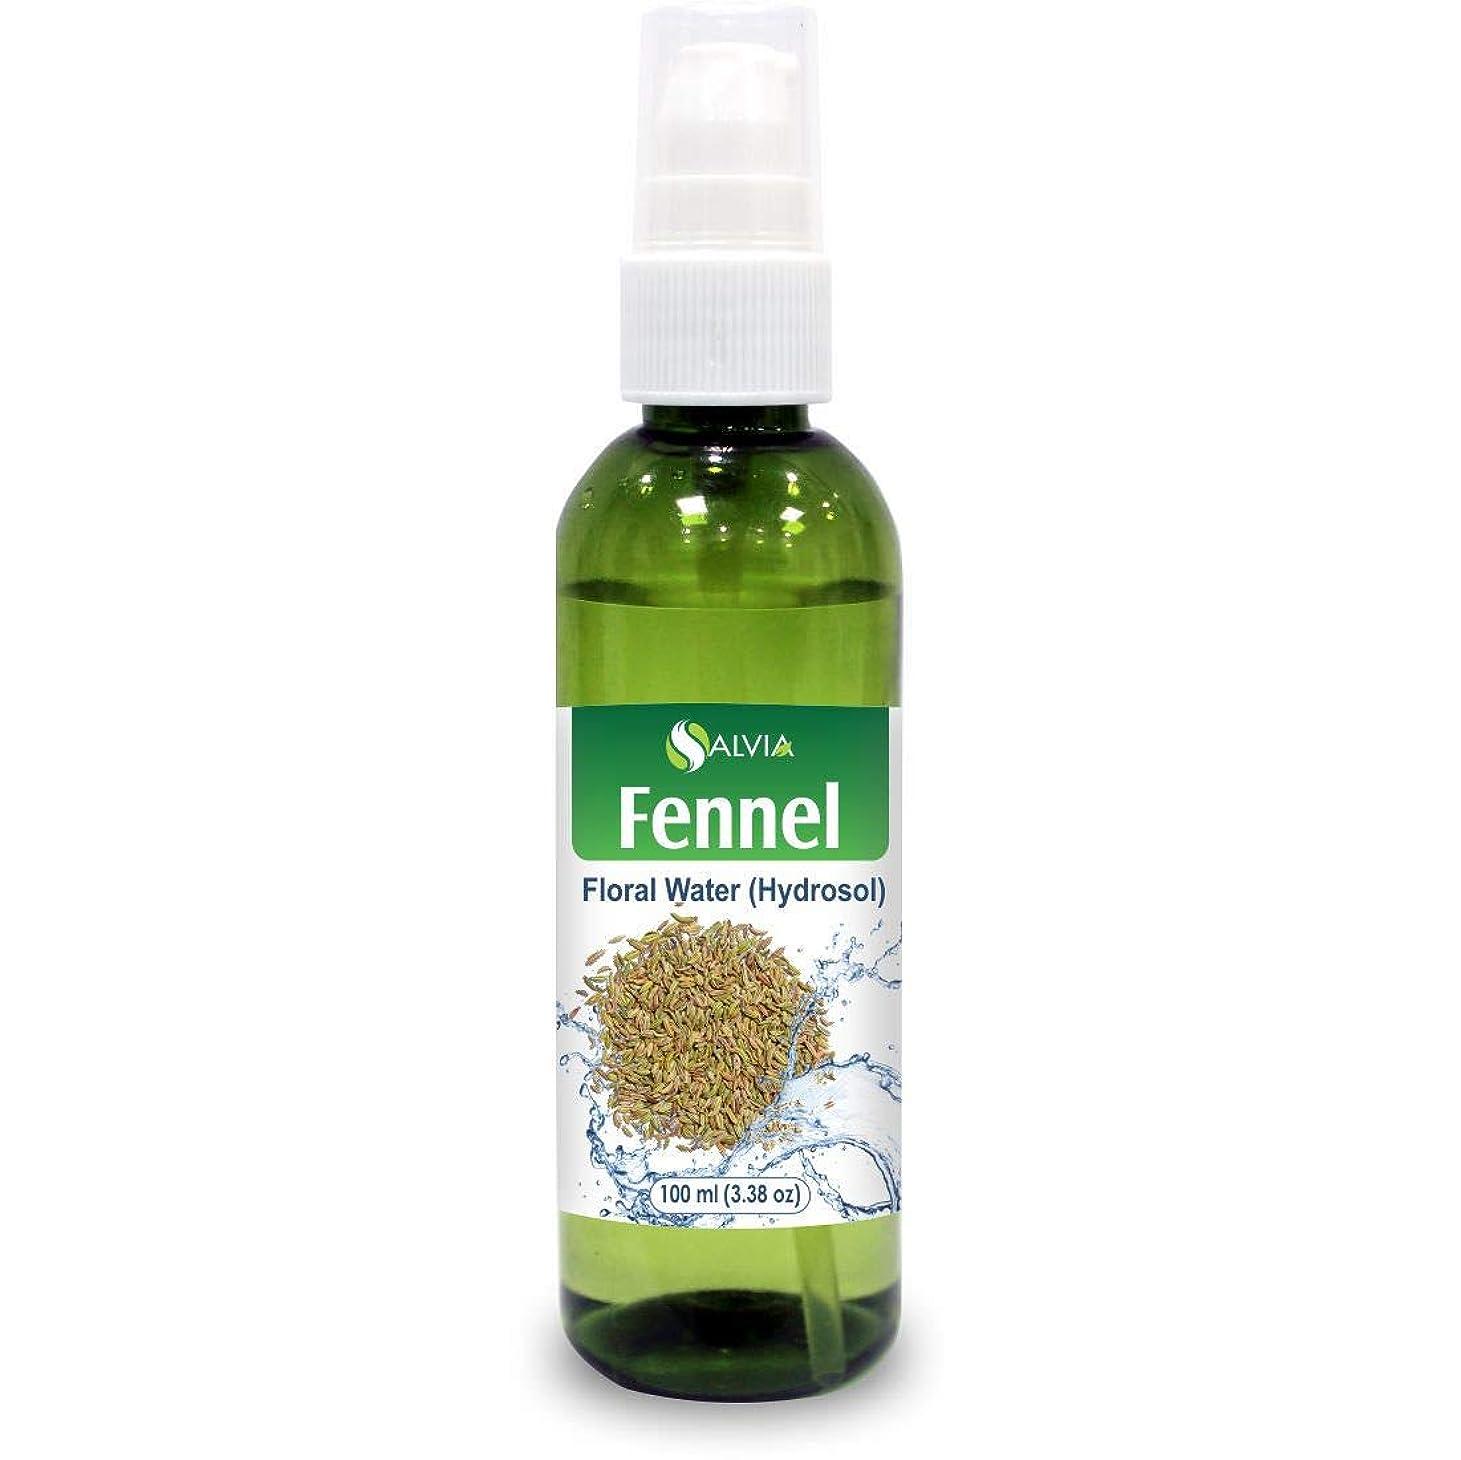 注入するハリケーン裏切りFennel Floral Water 100ml (Hydrosol) 100% Pure And Natural